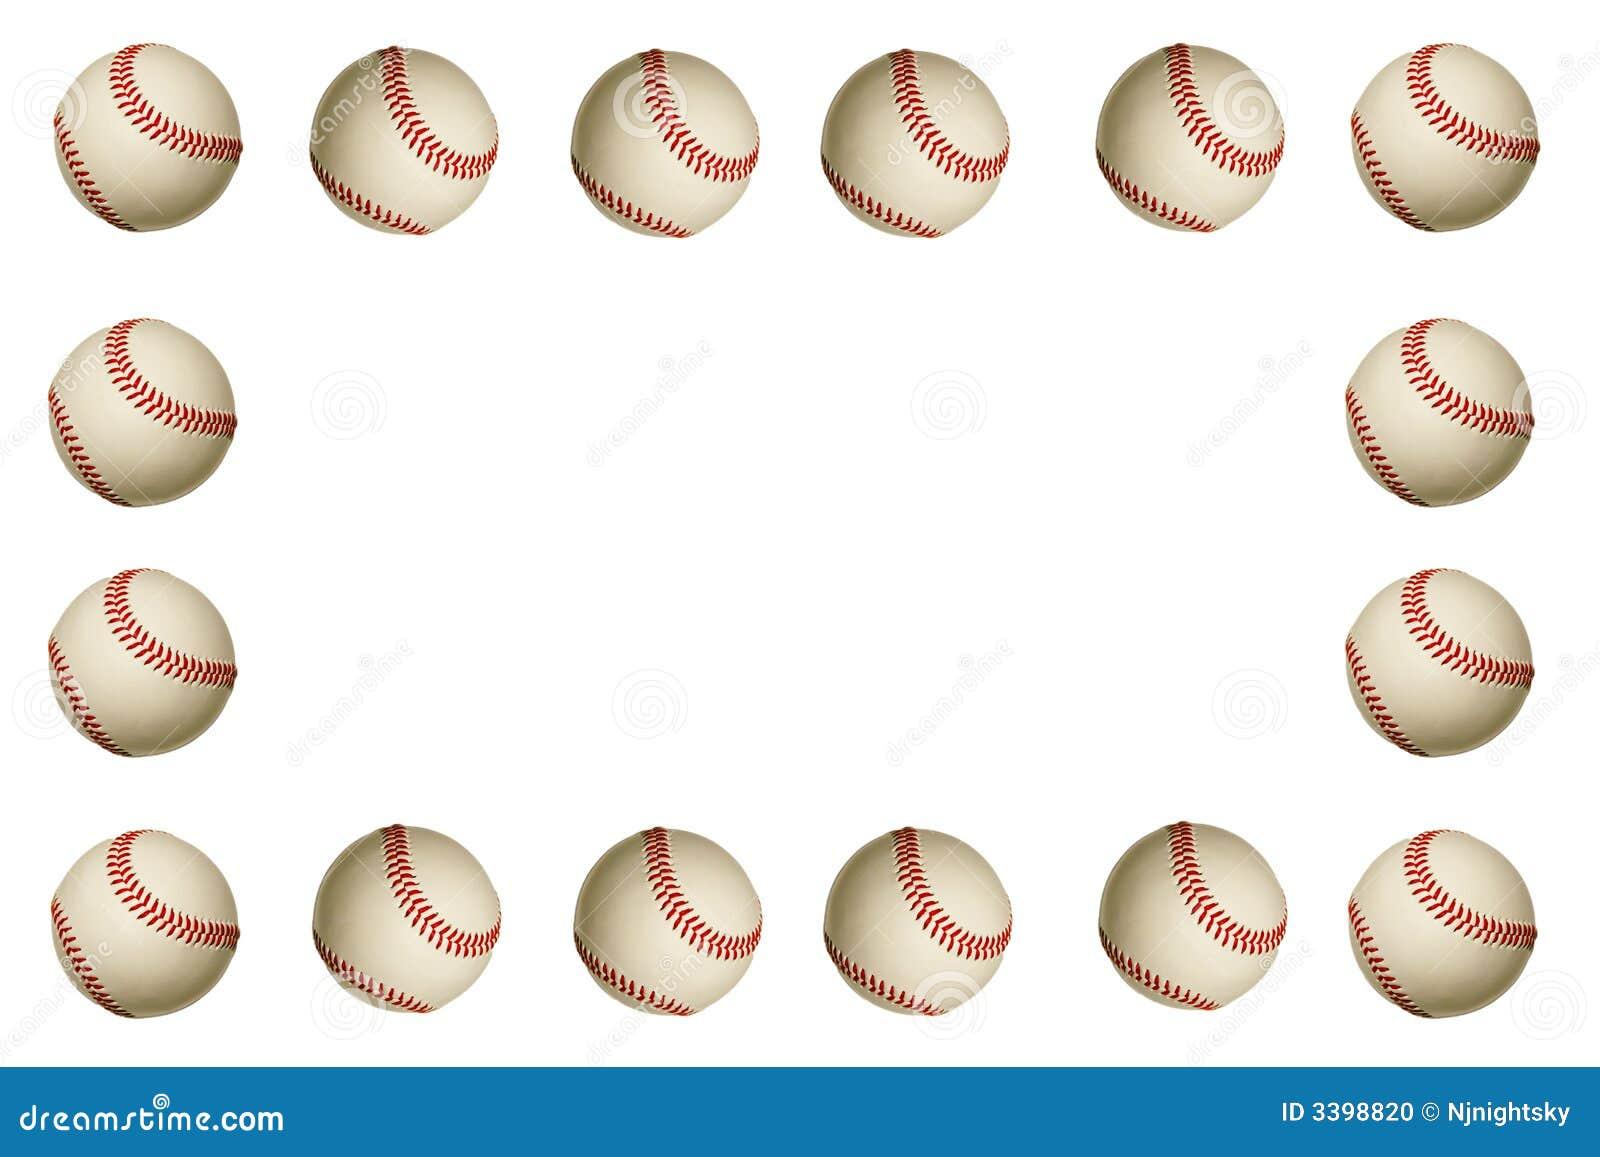 baseball wallpaper border